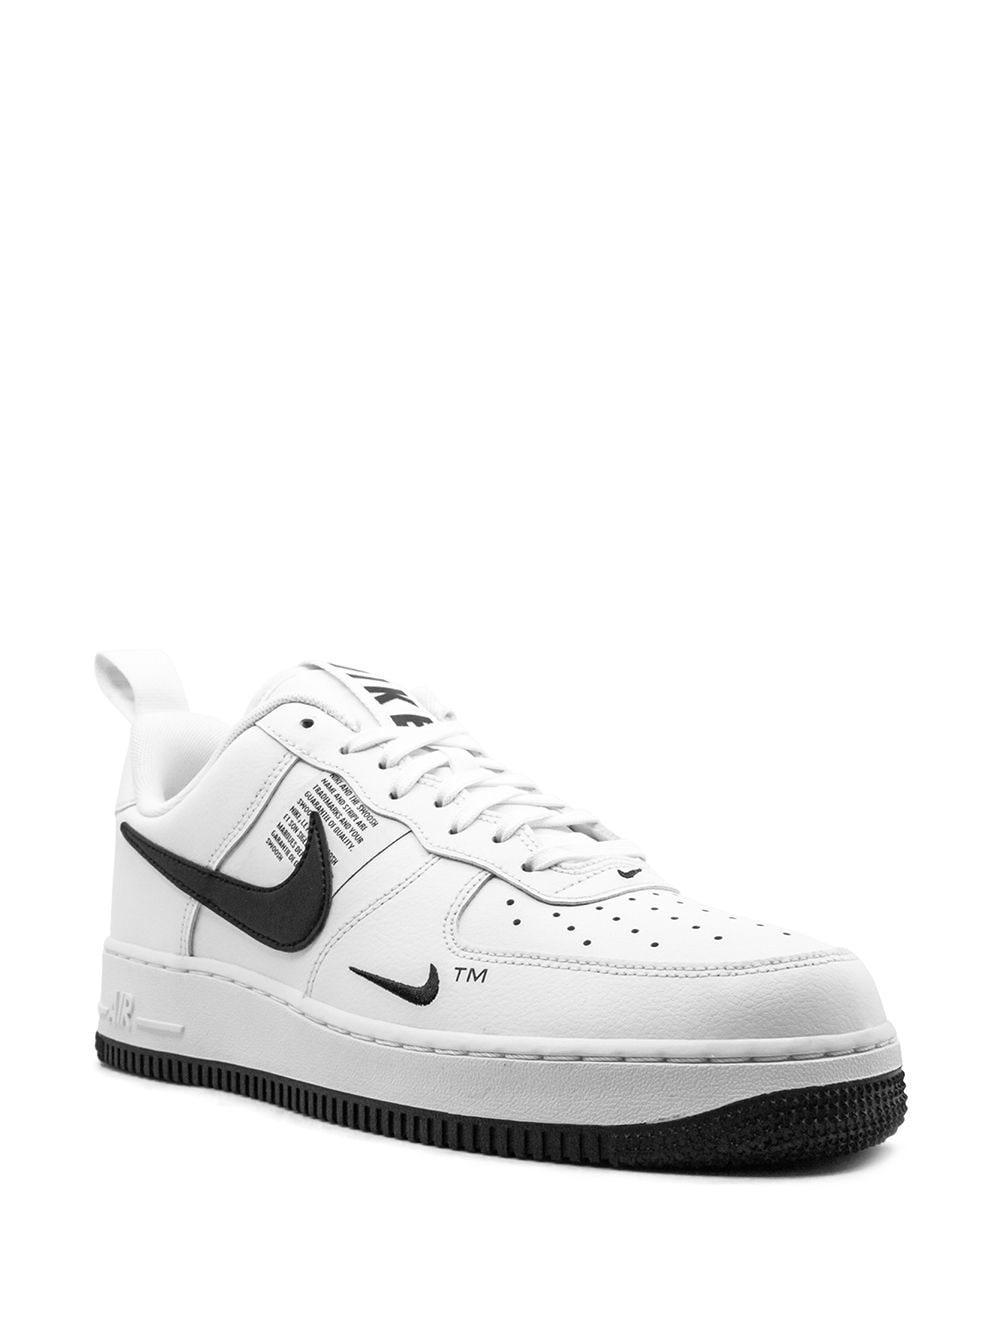 Baskets Air Force 1 Utility LV8 Dentelle Nike pour homme en coloris Blanc fEIK